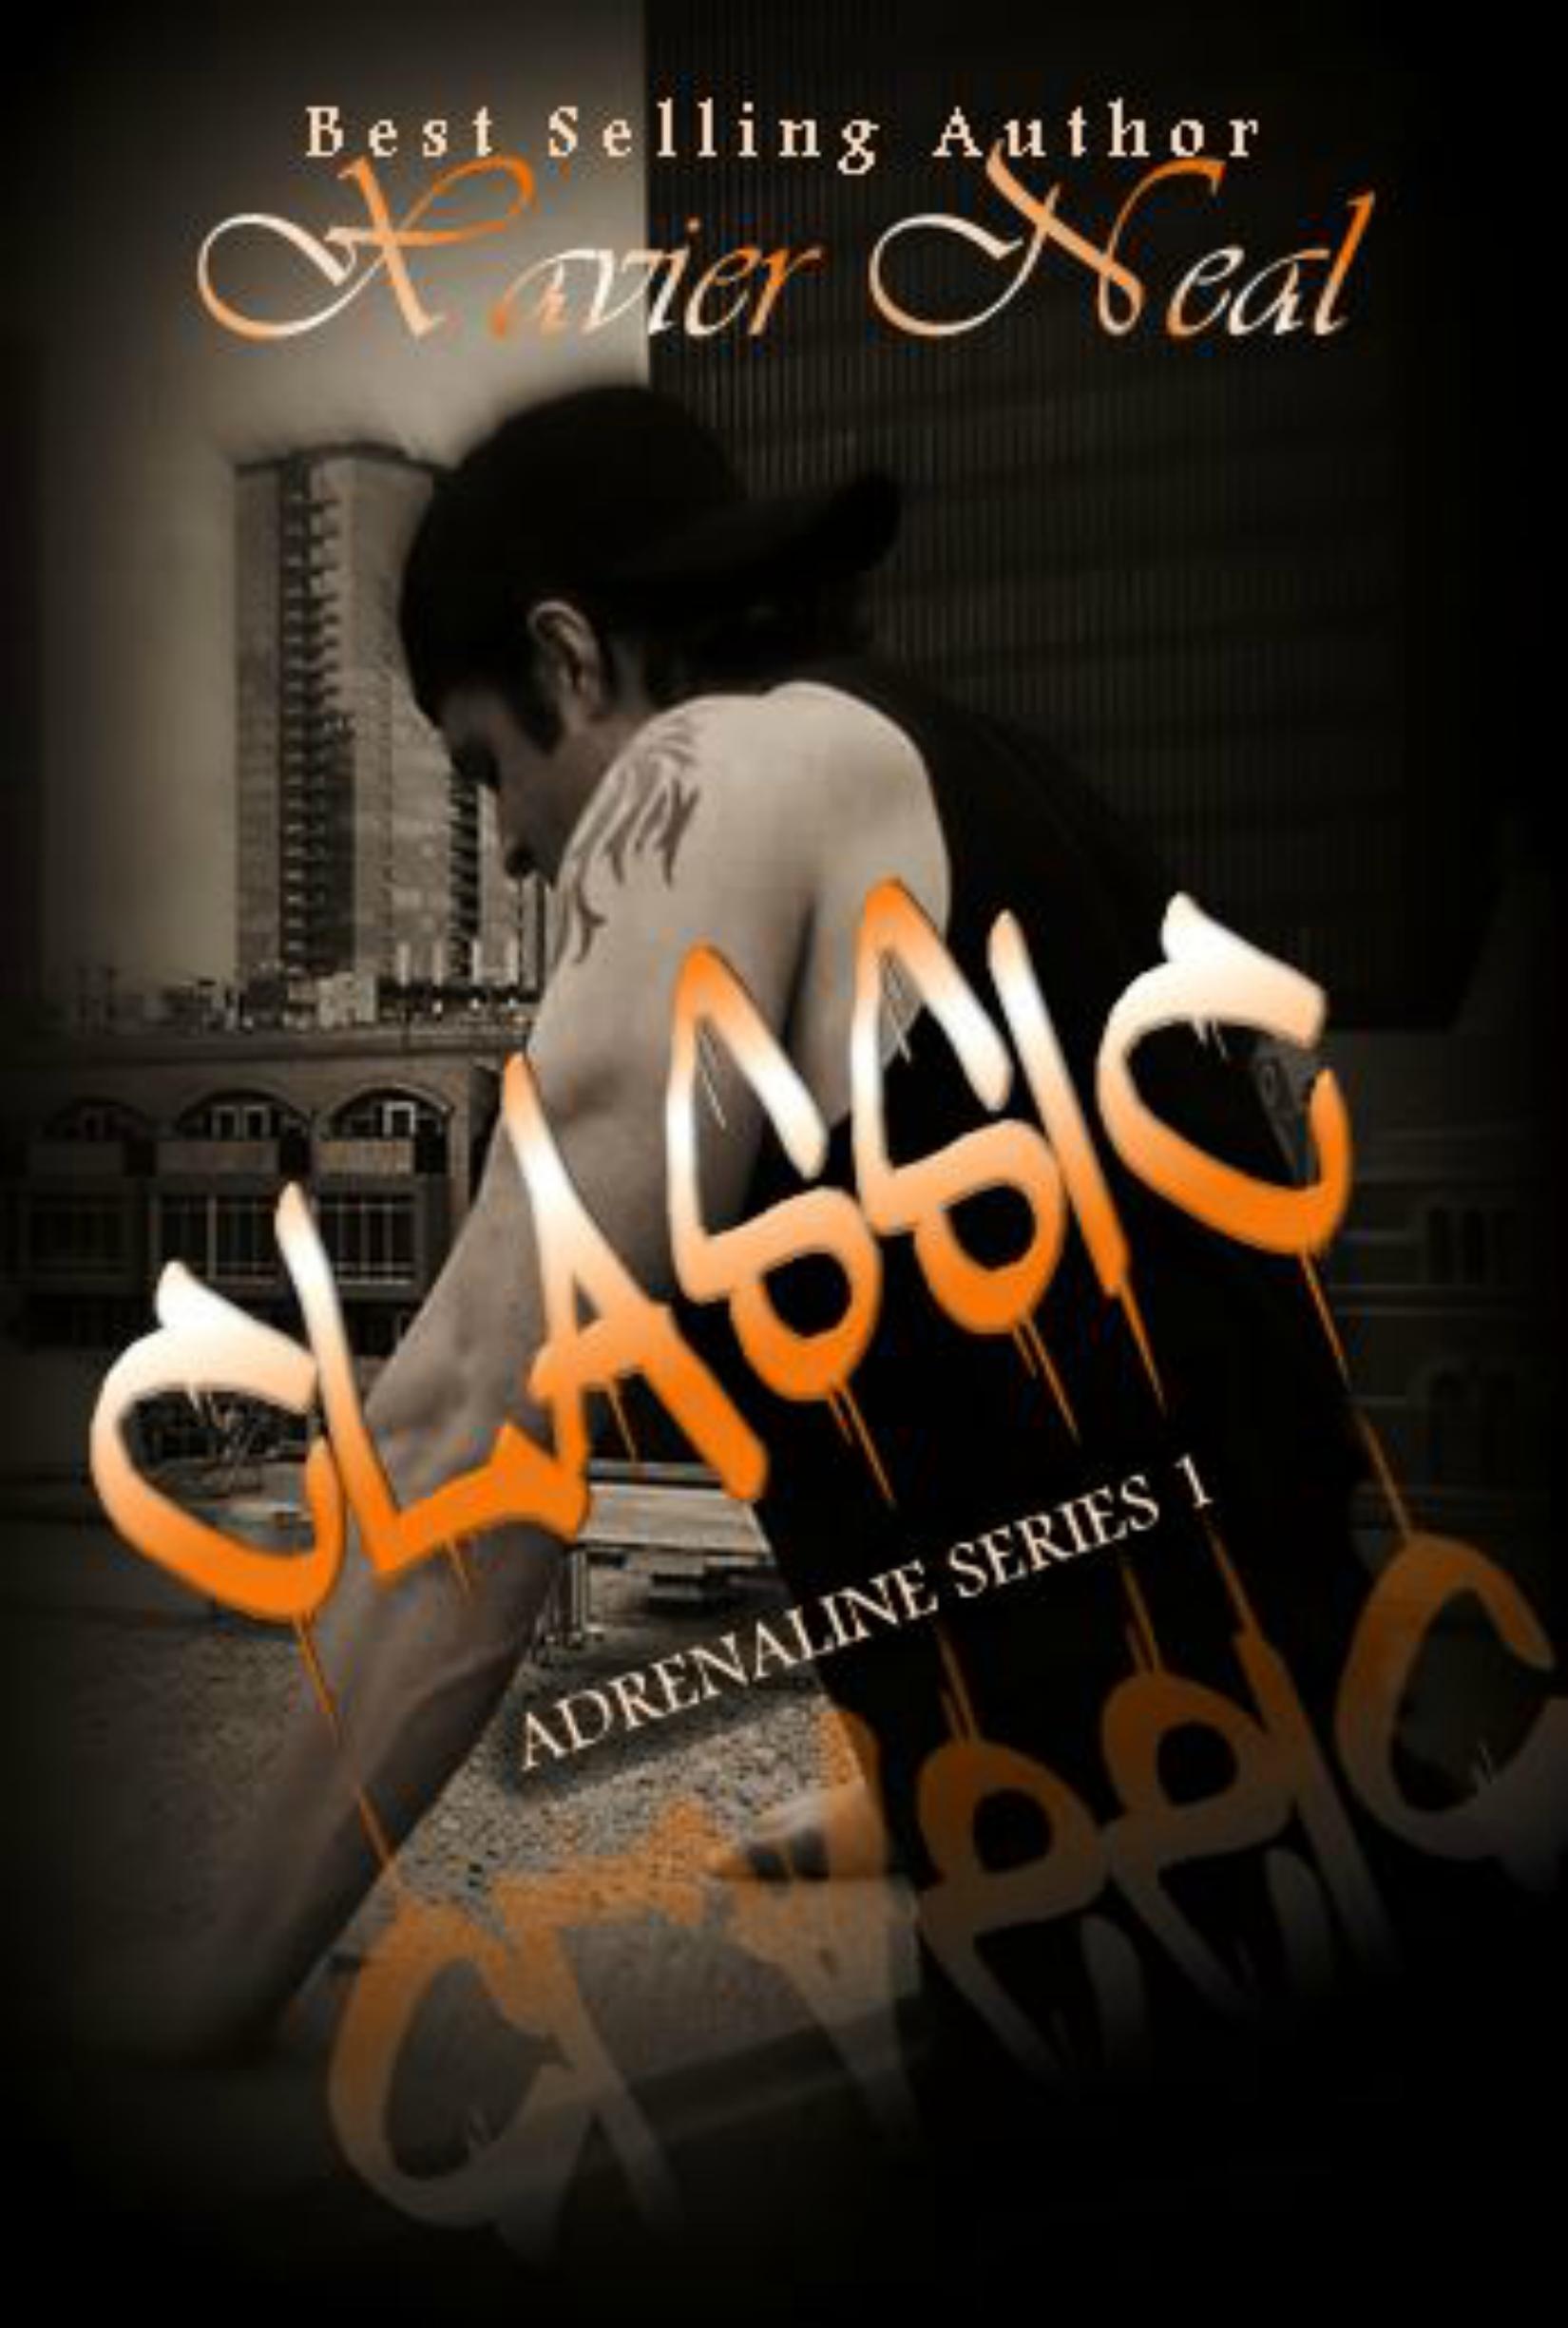 Classic (Adrenaline, #1) Xavier Neal